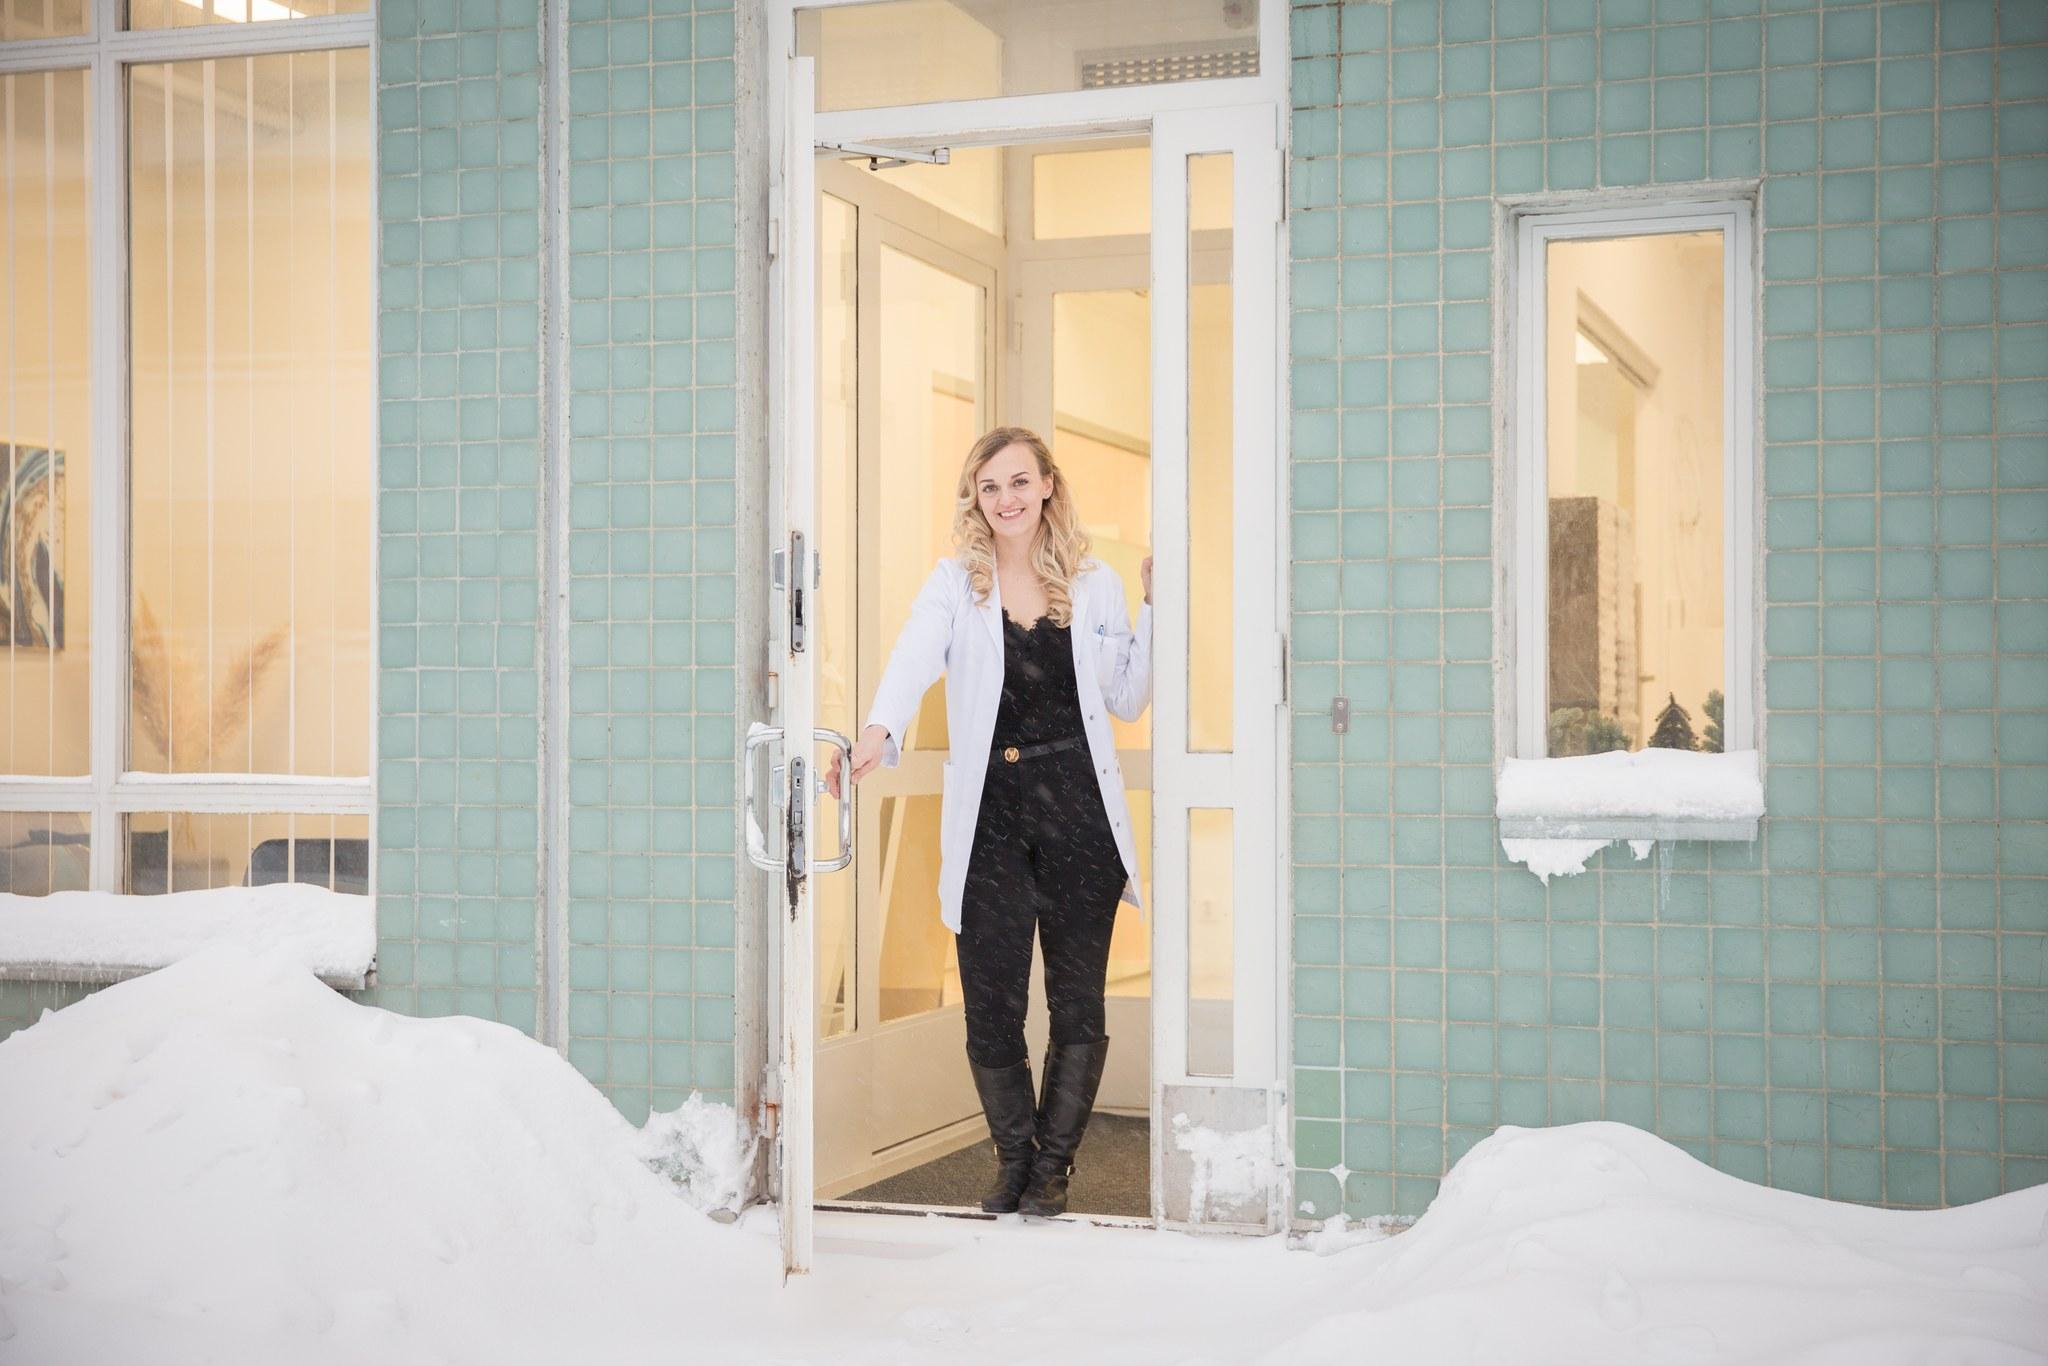 Silmäproteesiklinikan Laura Routa